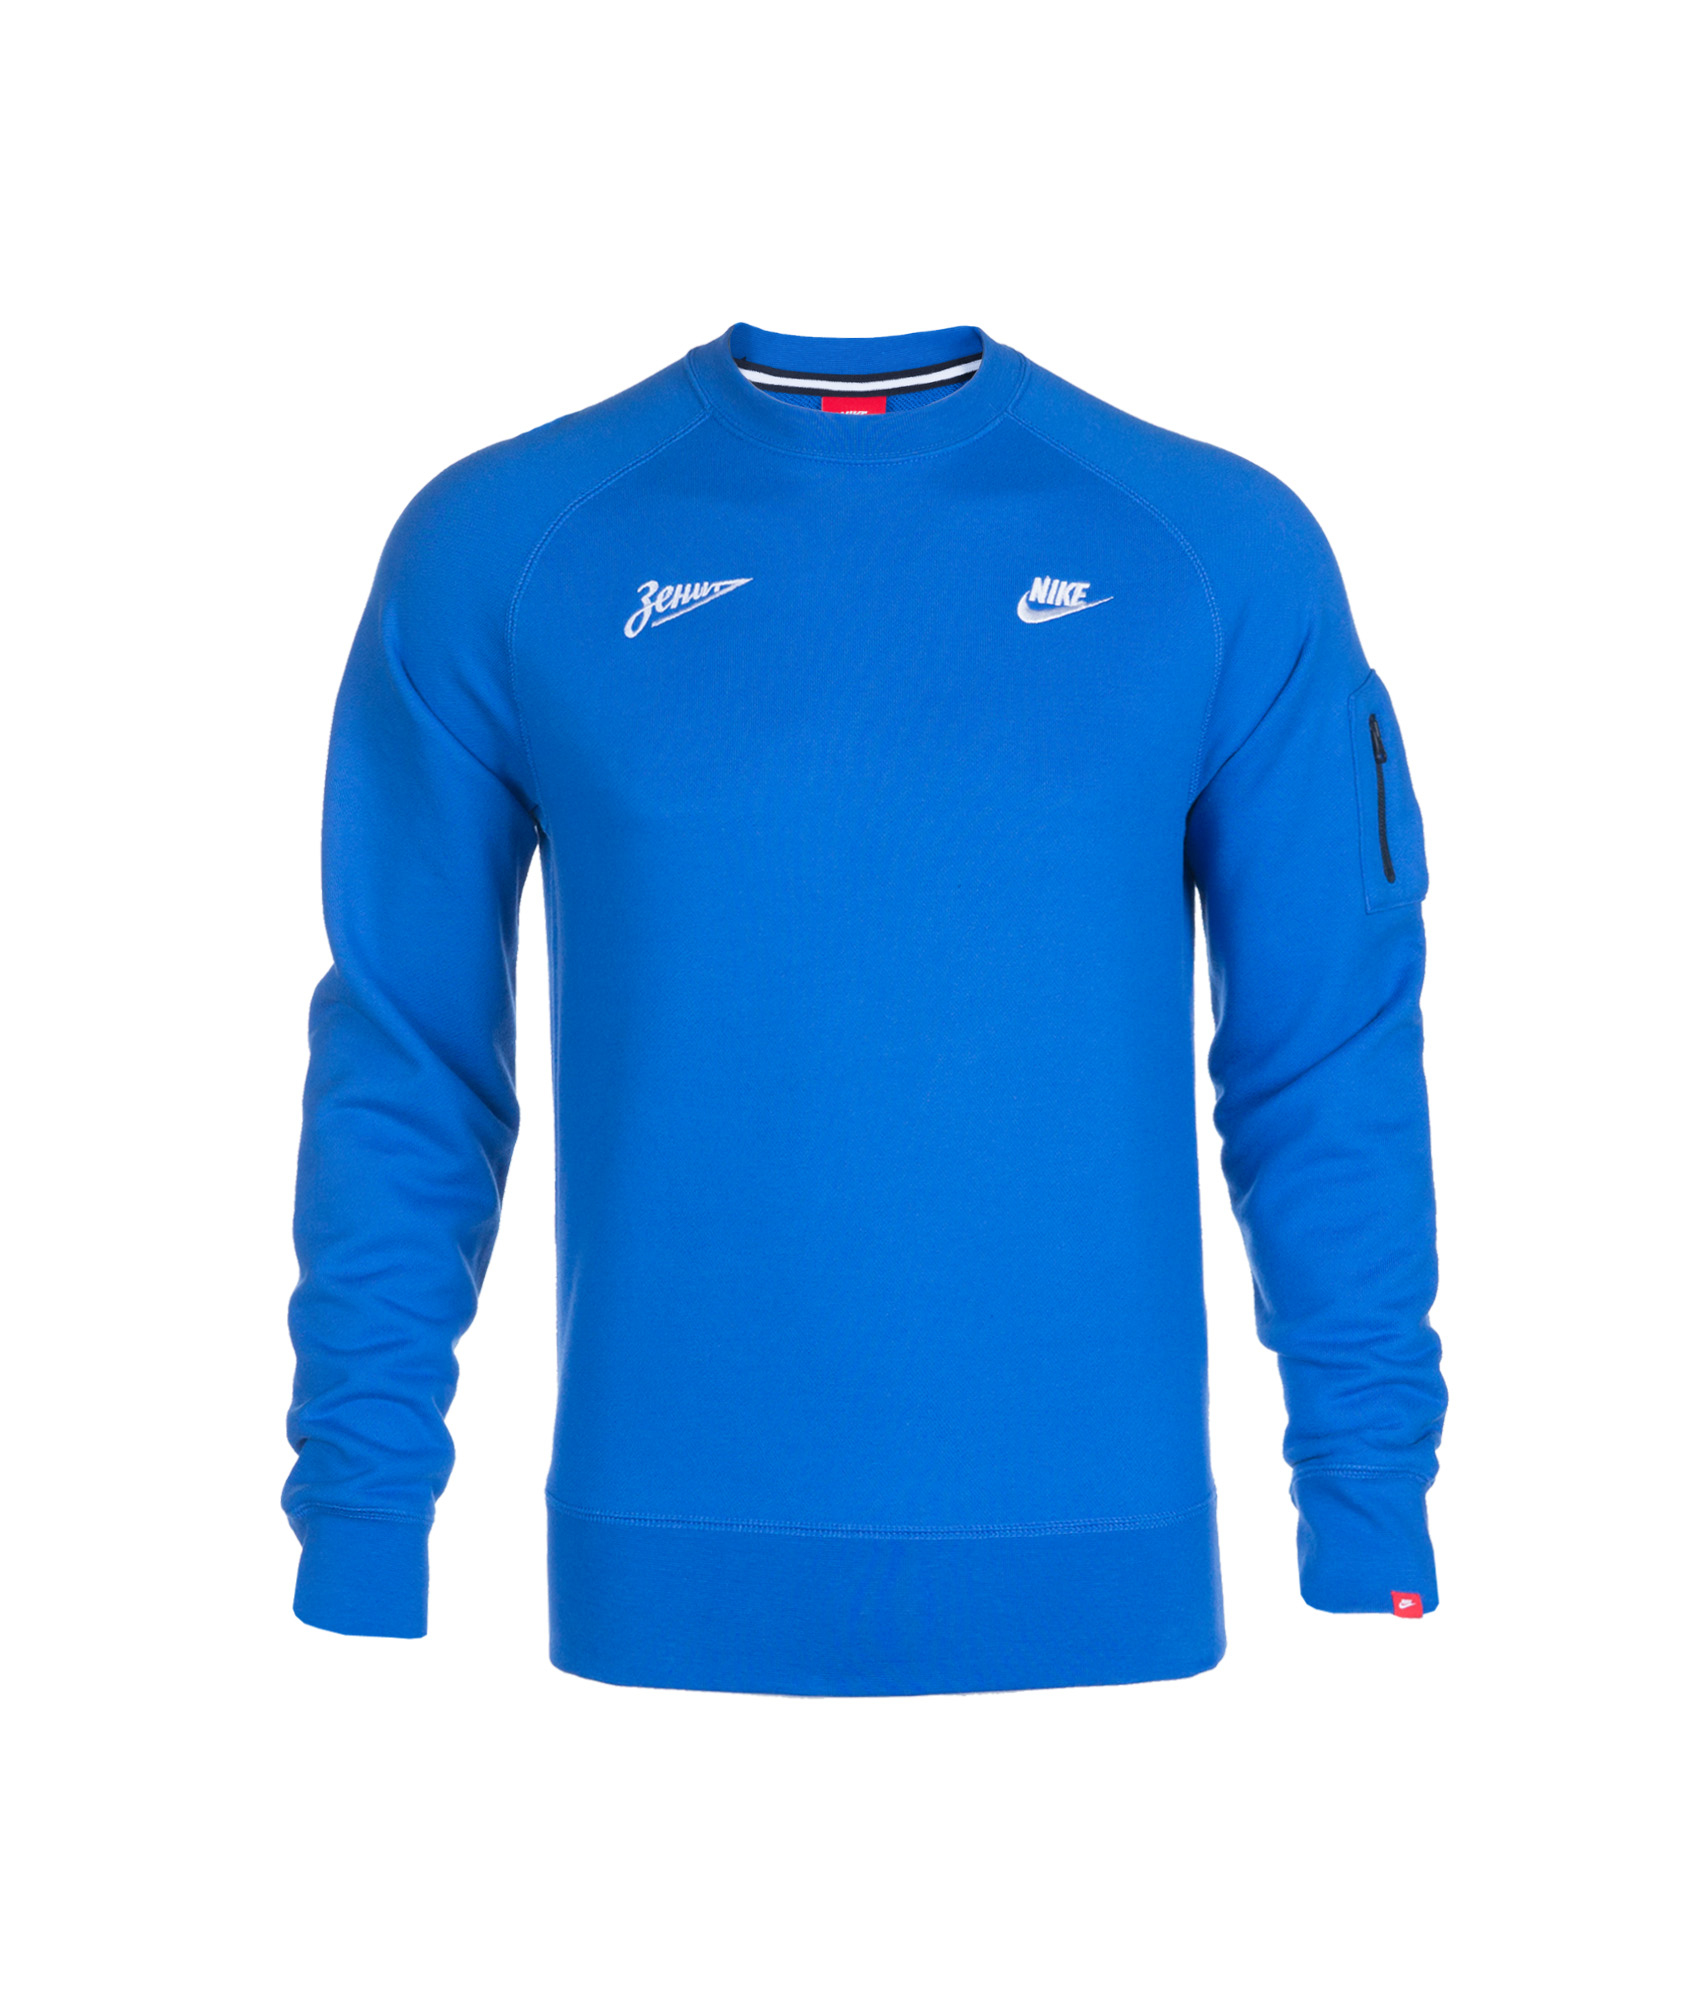 Джемпер Nike AW77 CREW, Цвет-Синий, Размер-XL